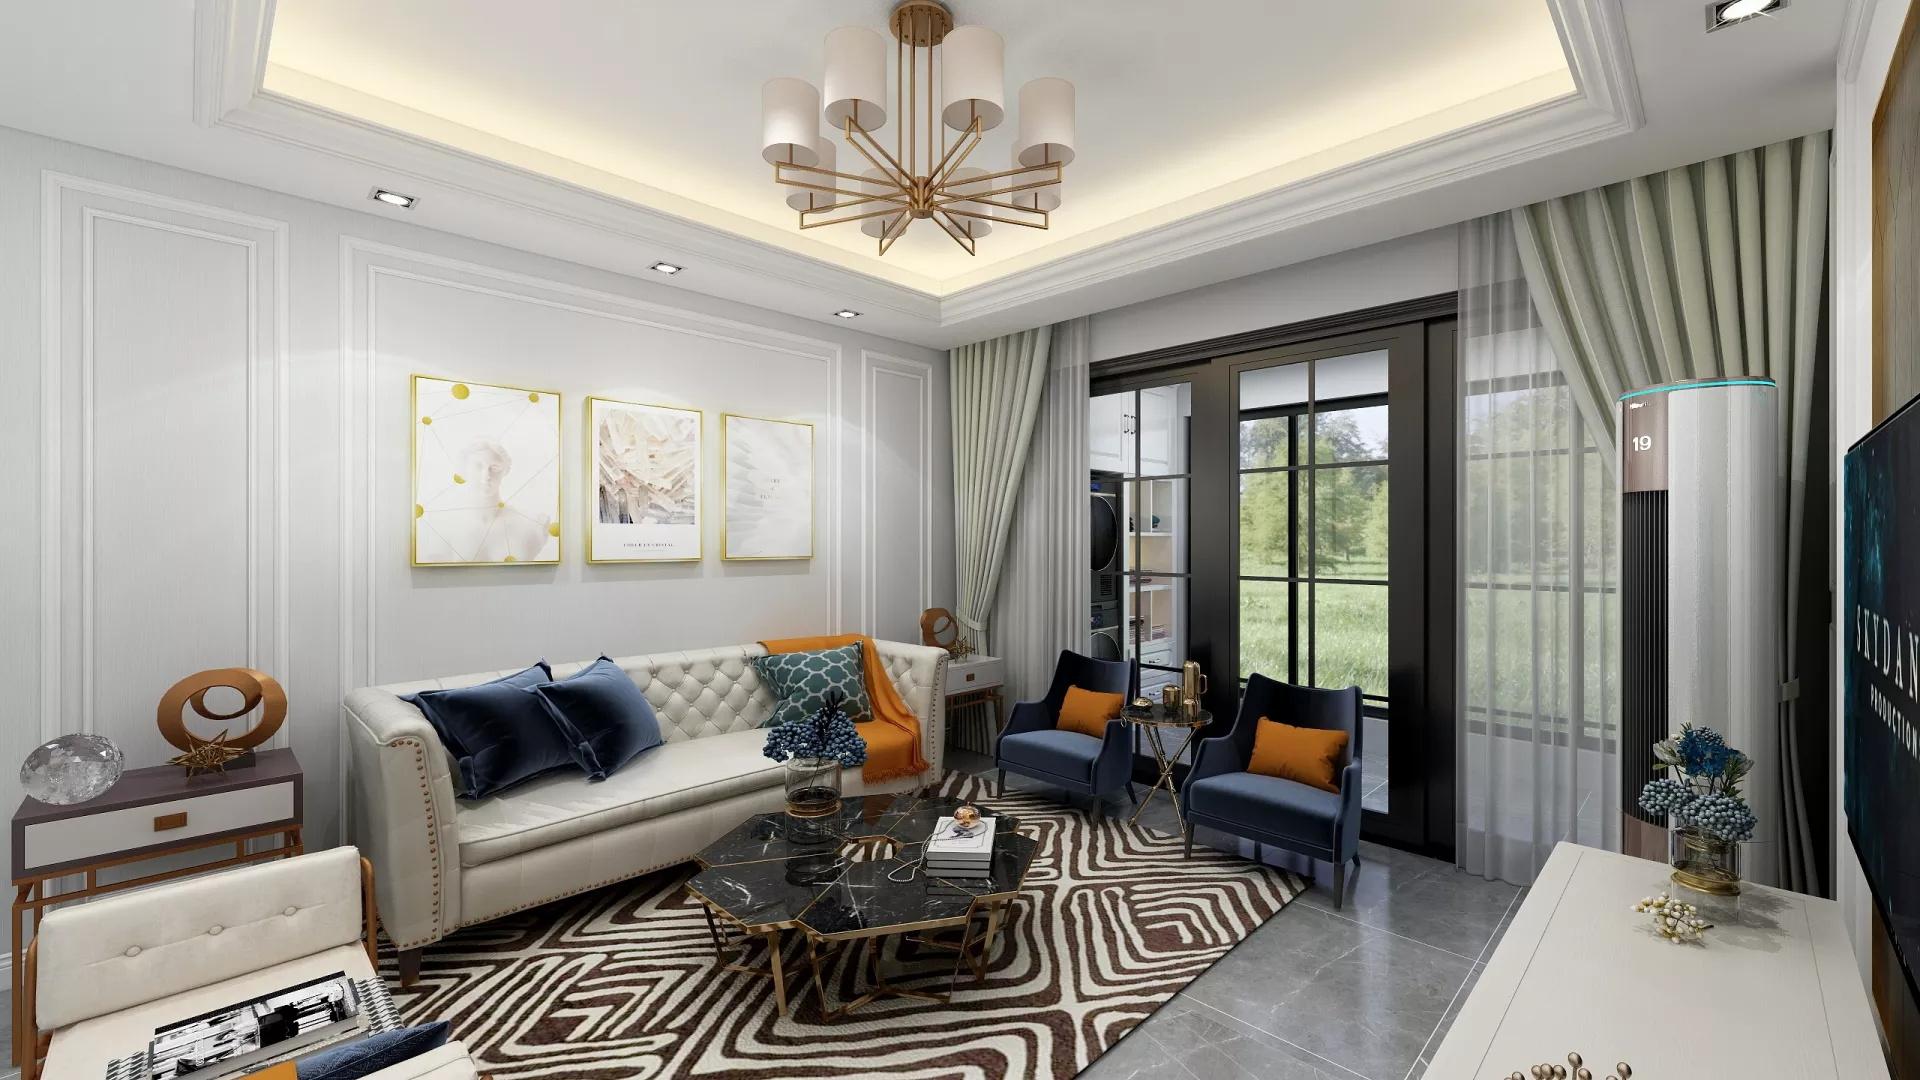 別墅客廳太大怎么處理,別墅客廳太大要如何裝修?